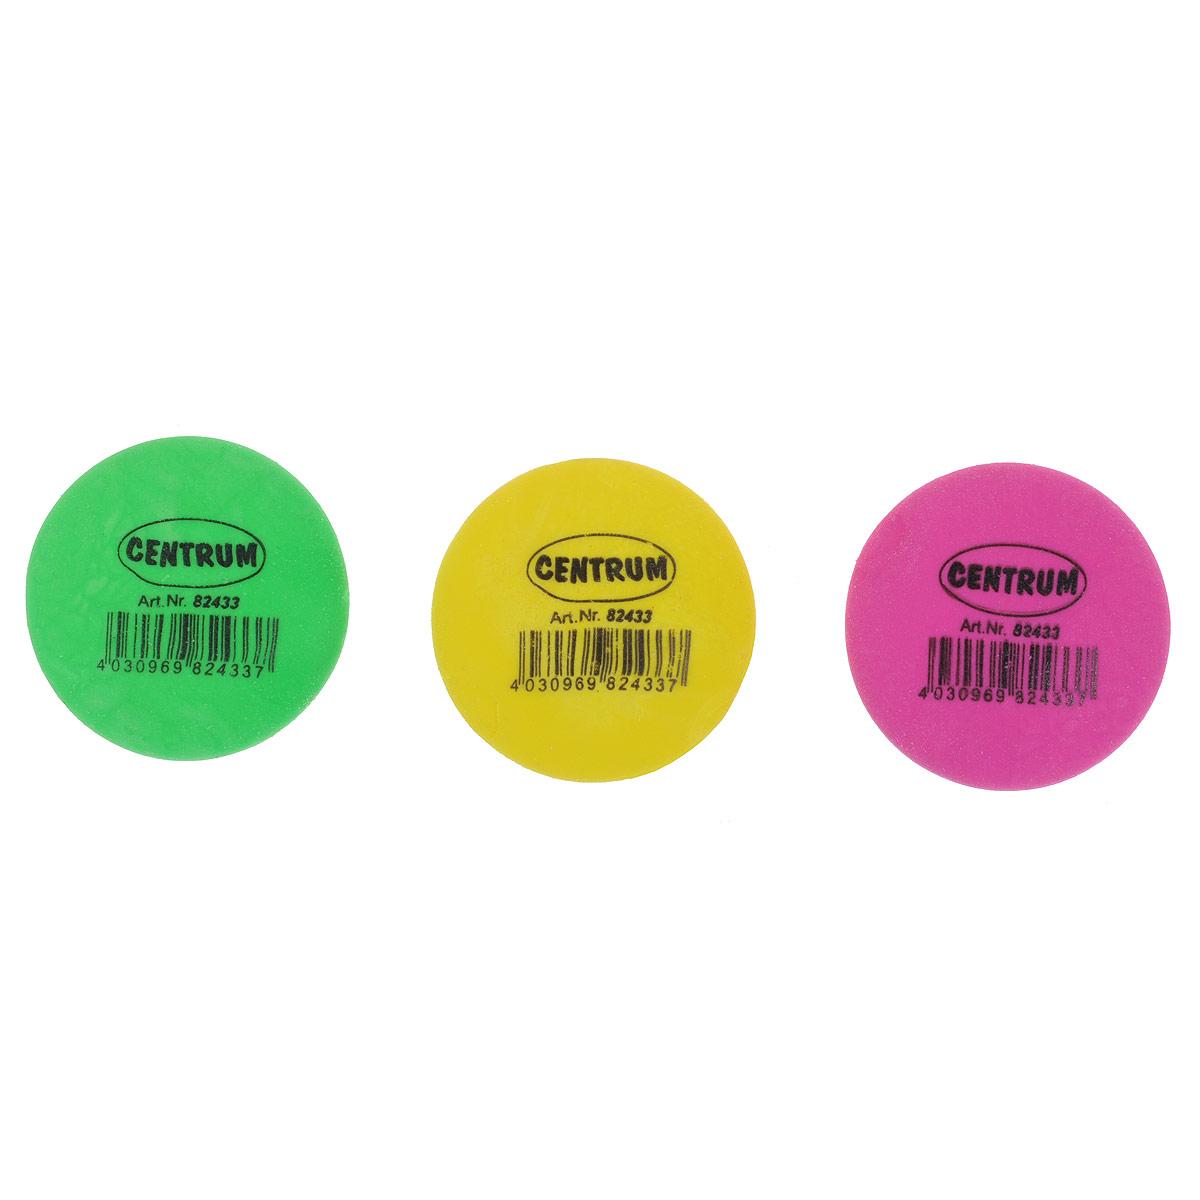 Набор ластиков Centrum Neon, 27 шт72523WDЛастики из набора Centrum Neon предназначены для стирания карандашей с бумаги различной плотности. Круглые ластики выполнены из синтетического каучука ярких неоновых цветов. В наборе 27 ластиков розового, желтого и зеленого цветов (по 7 ластиков каждого цвета), упакованных в отдельные пакеты.